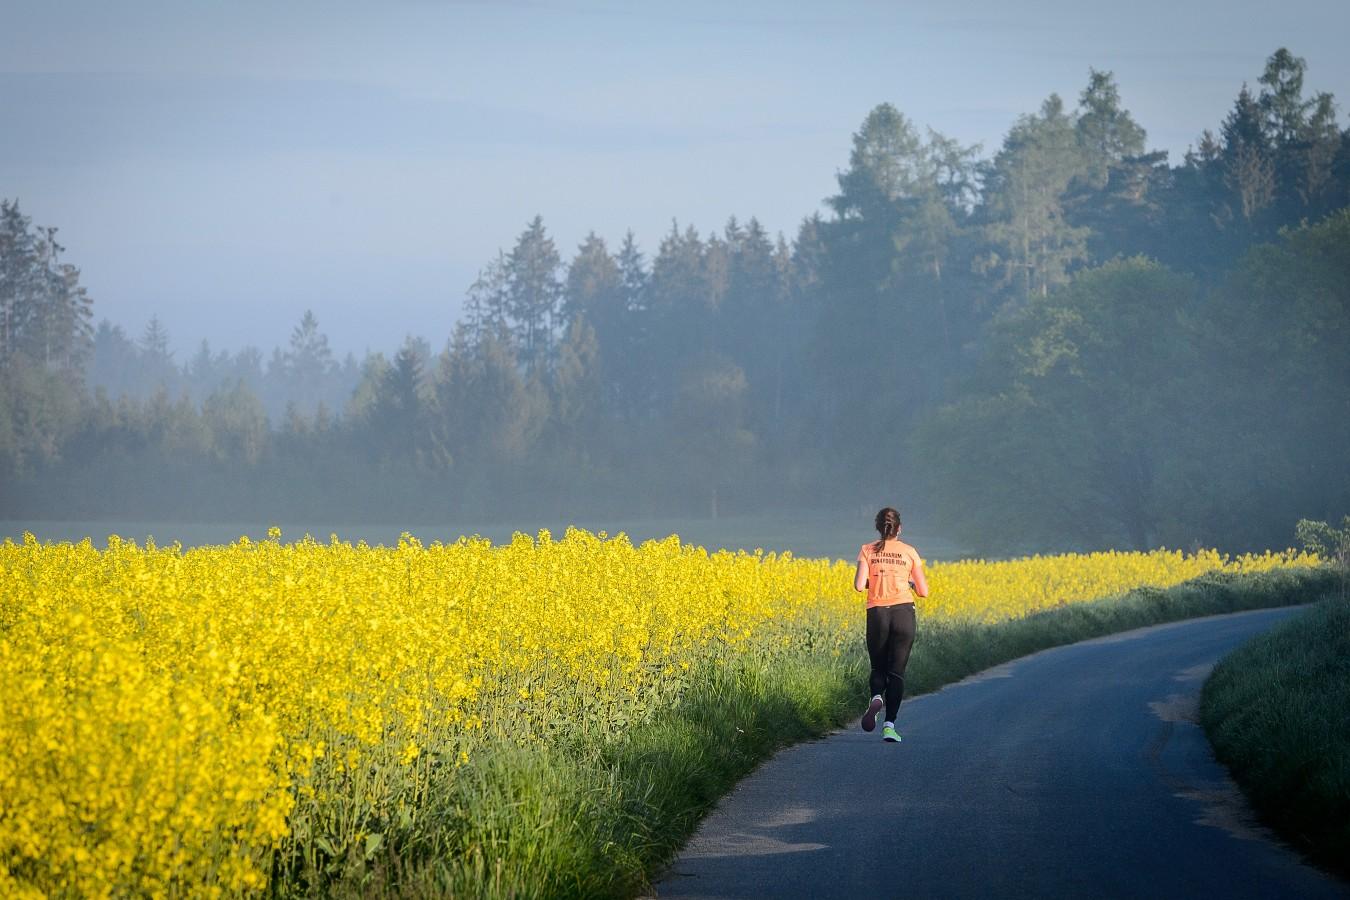 Pokud jen máte možnost vyrazit do přírody, neváhejte a vyběhněte.